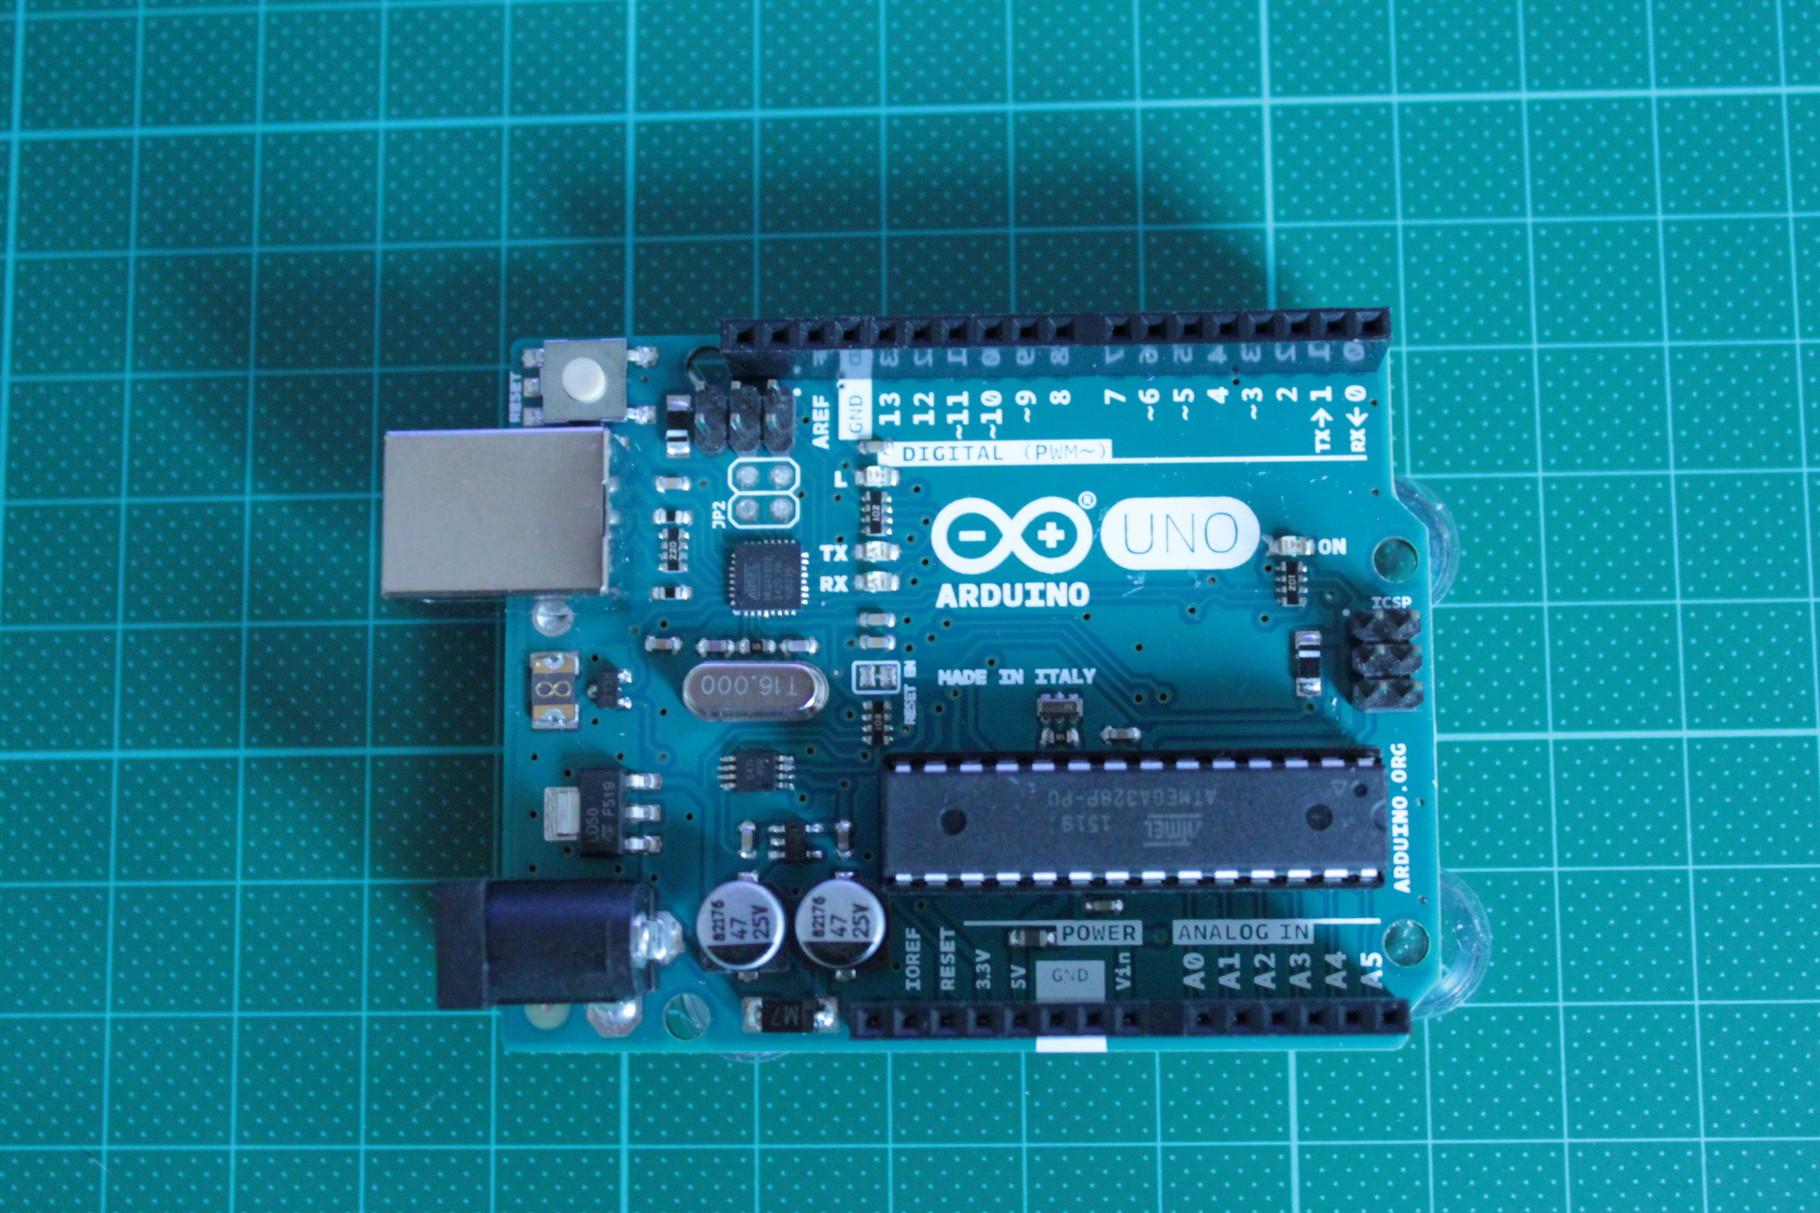 Arduino Uno (Groß wie eine Kreditkarte)